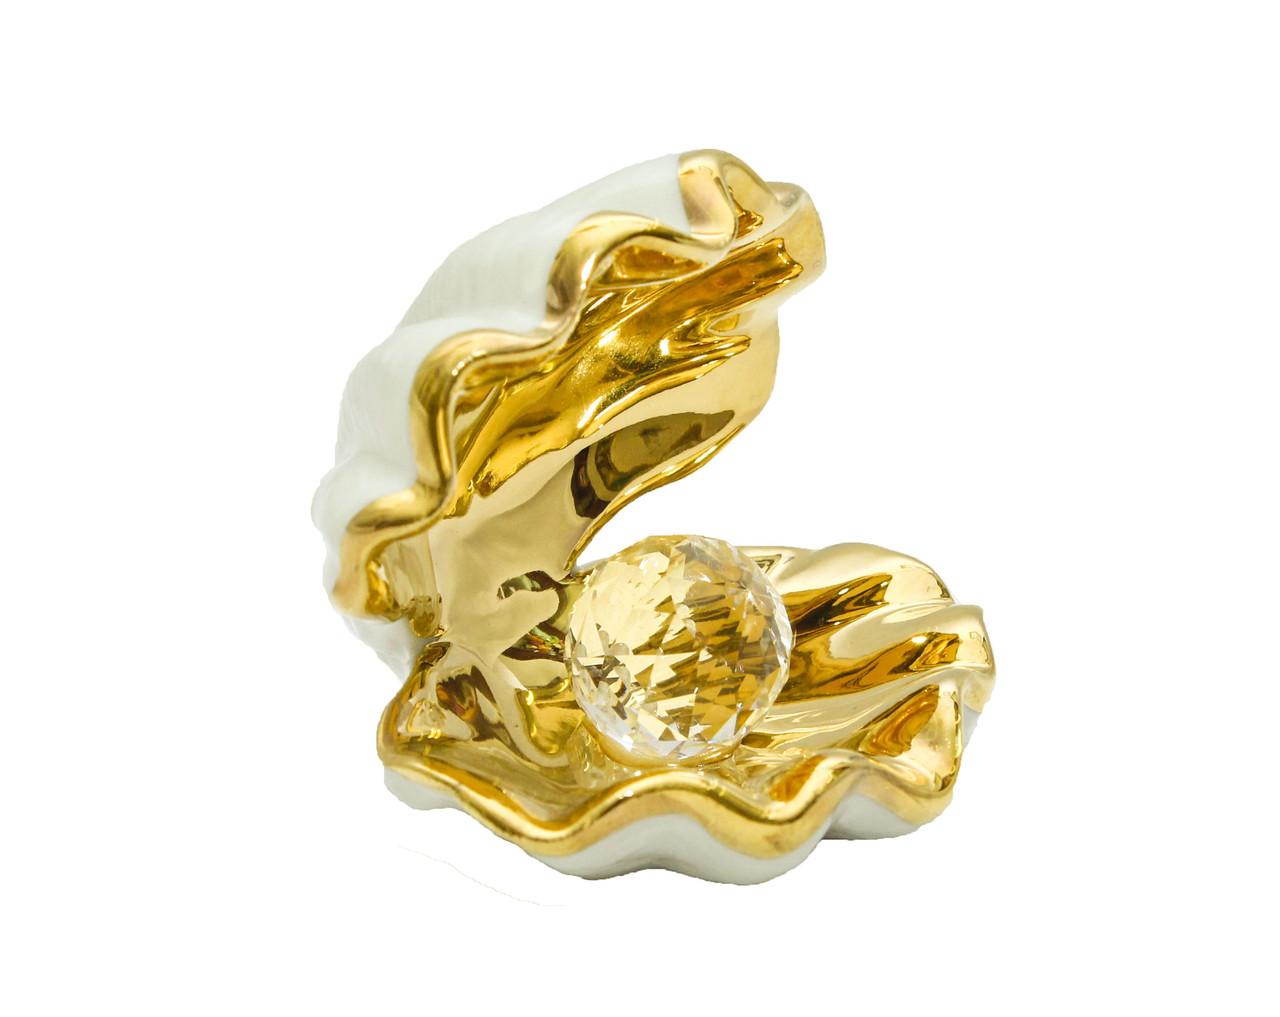 Сувенир Ракушка с жемчужиной. Фарфор, Италия